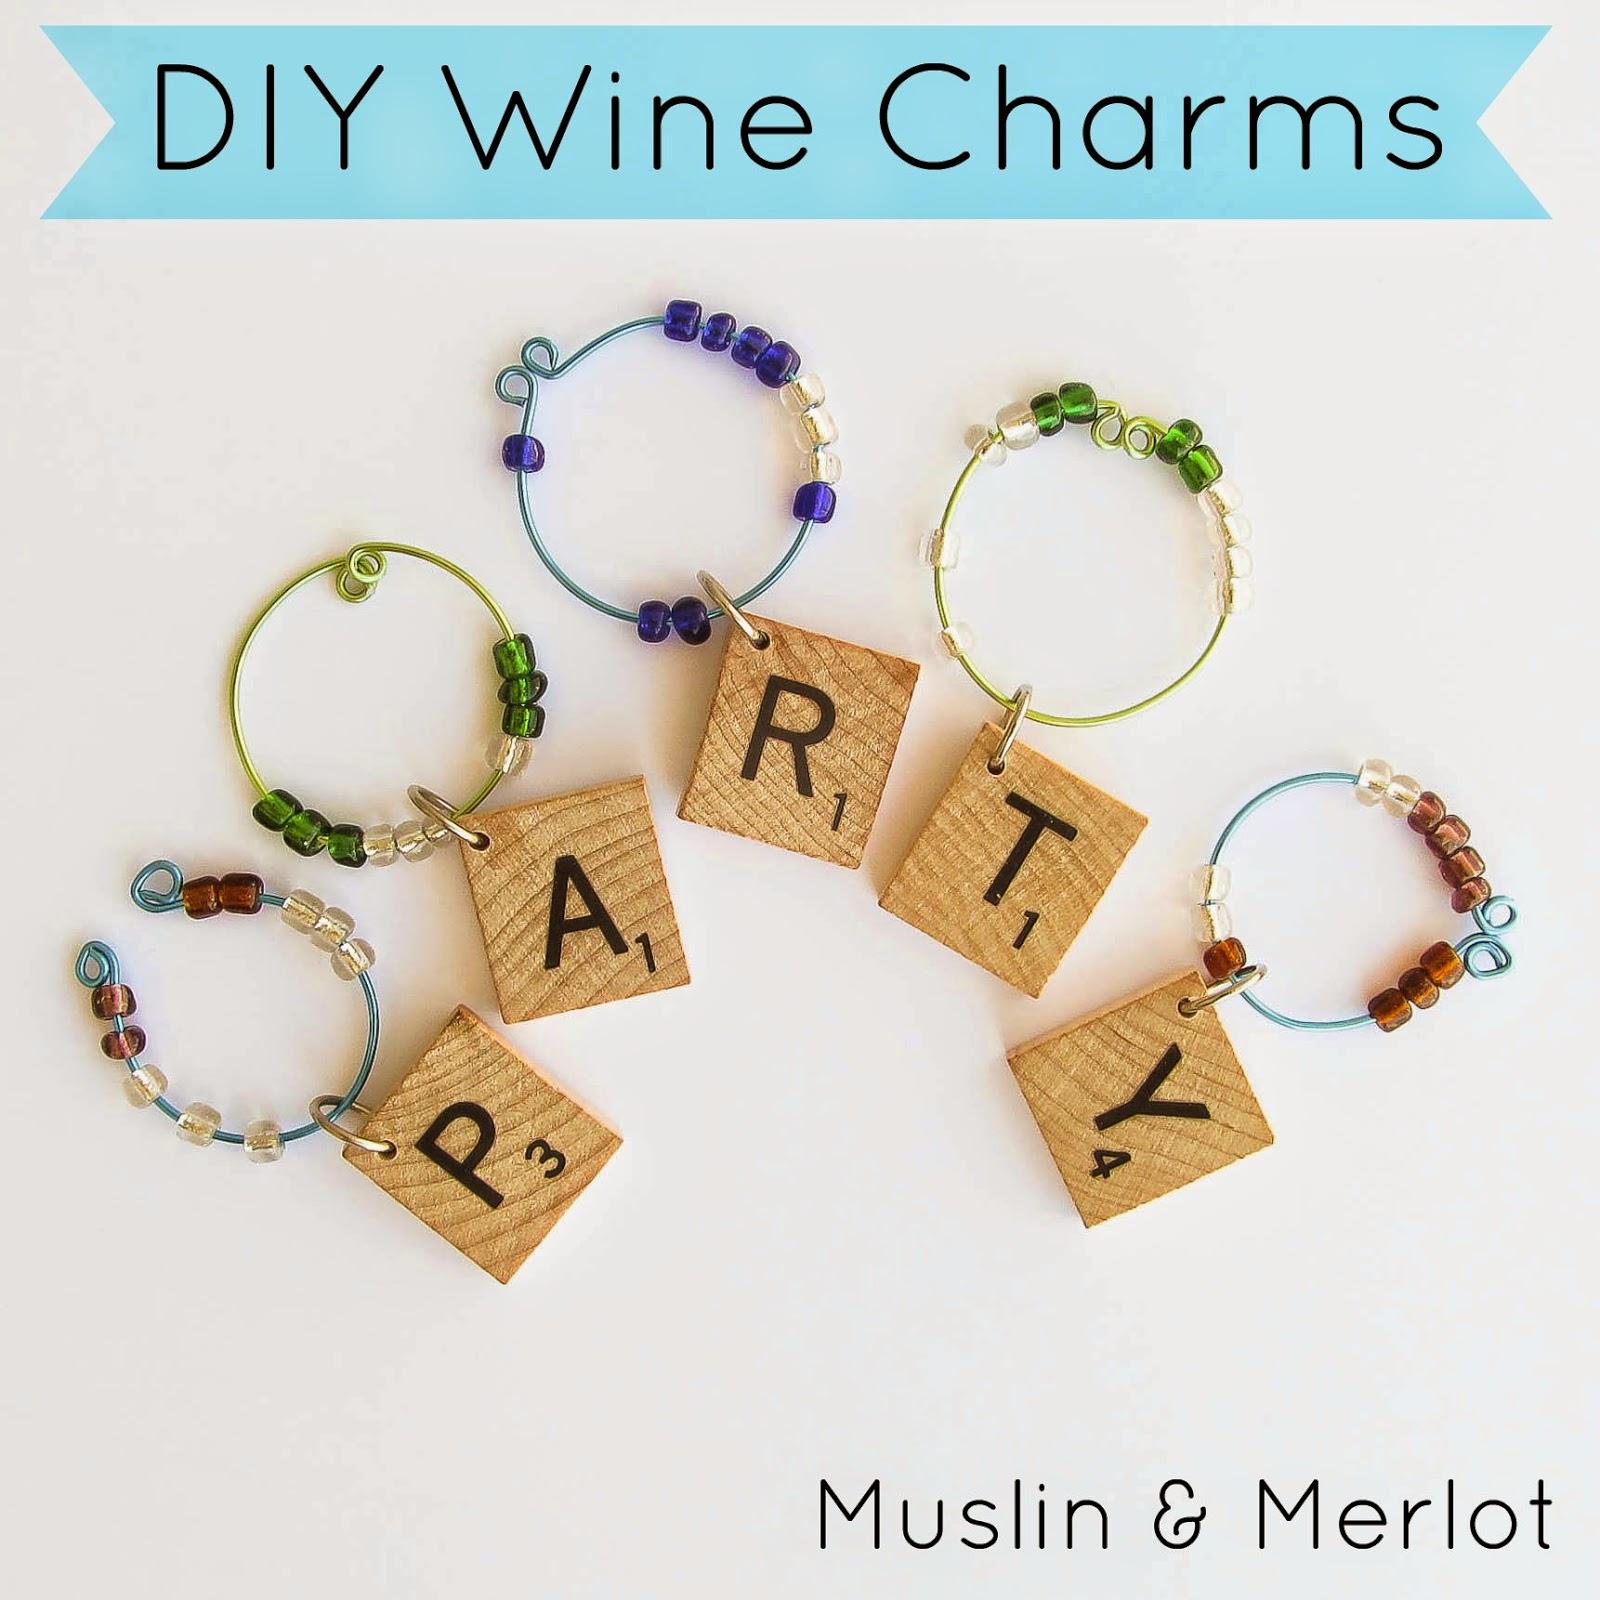 http://muslinandmerlot.blogspot.com/2014/03/diy-wine-charm-tutorial.html